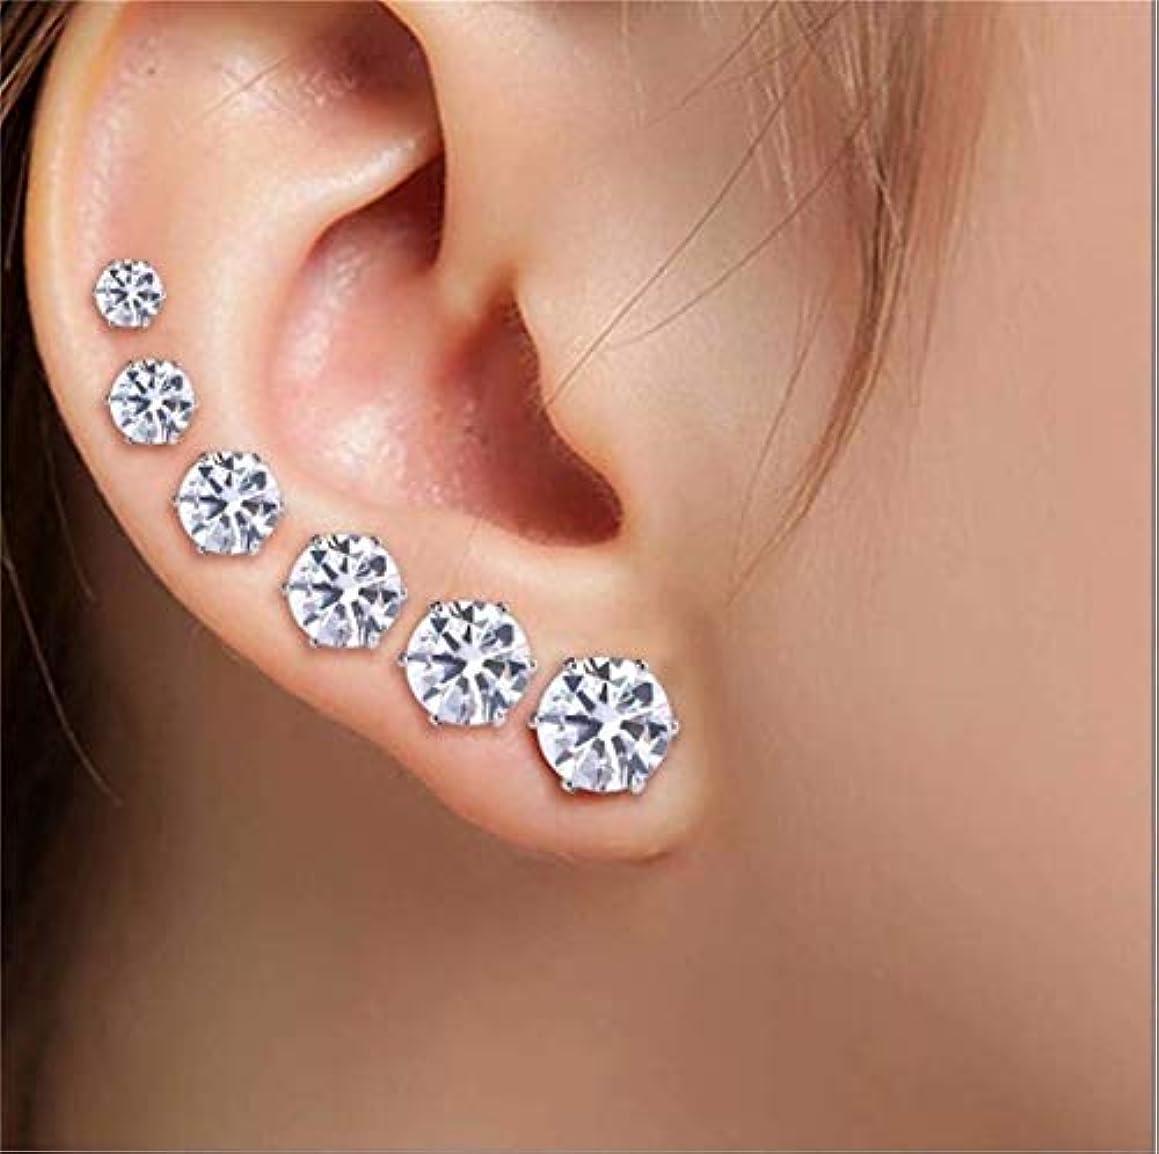 リアルのために承認七里の香 自由奔放に生きるクリスタル 耳カフ耳スタッドピアス女性のための小さな登山耳骨ピアスイヤリング